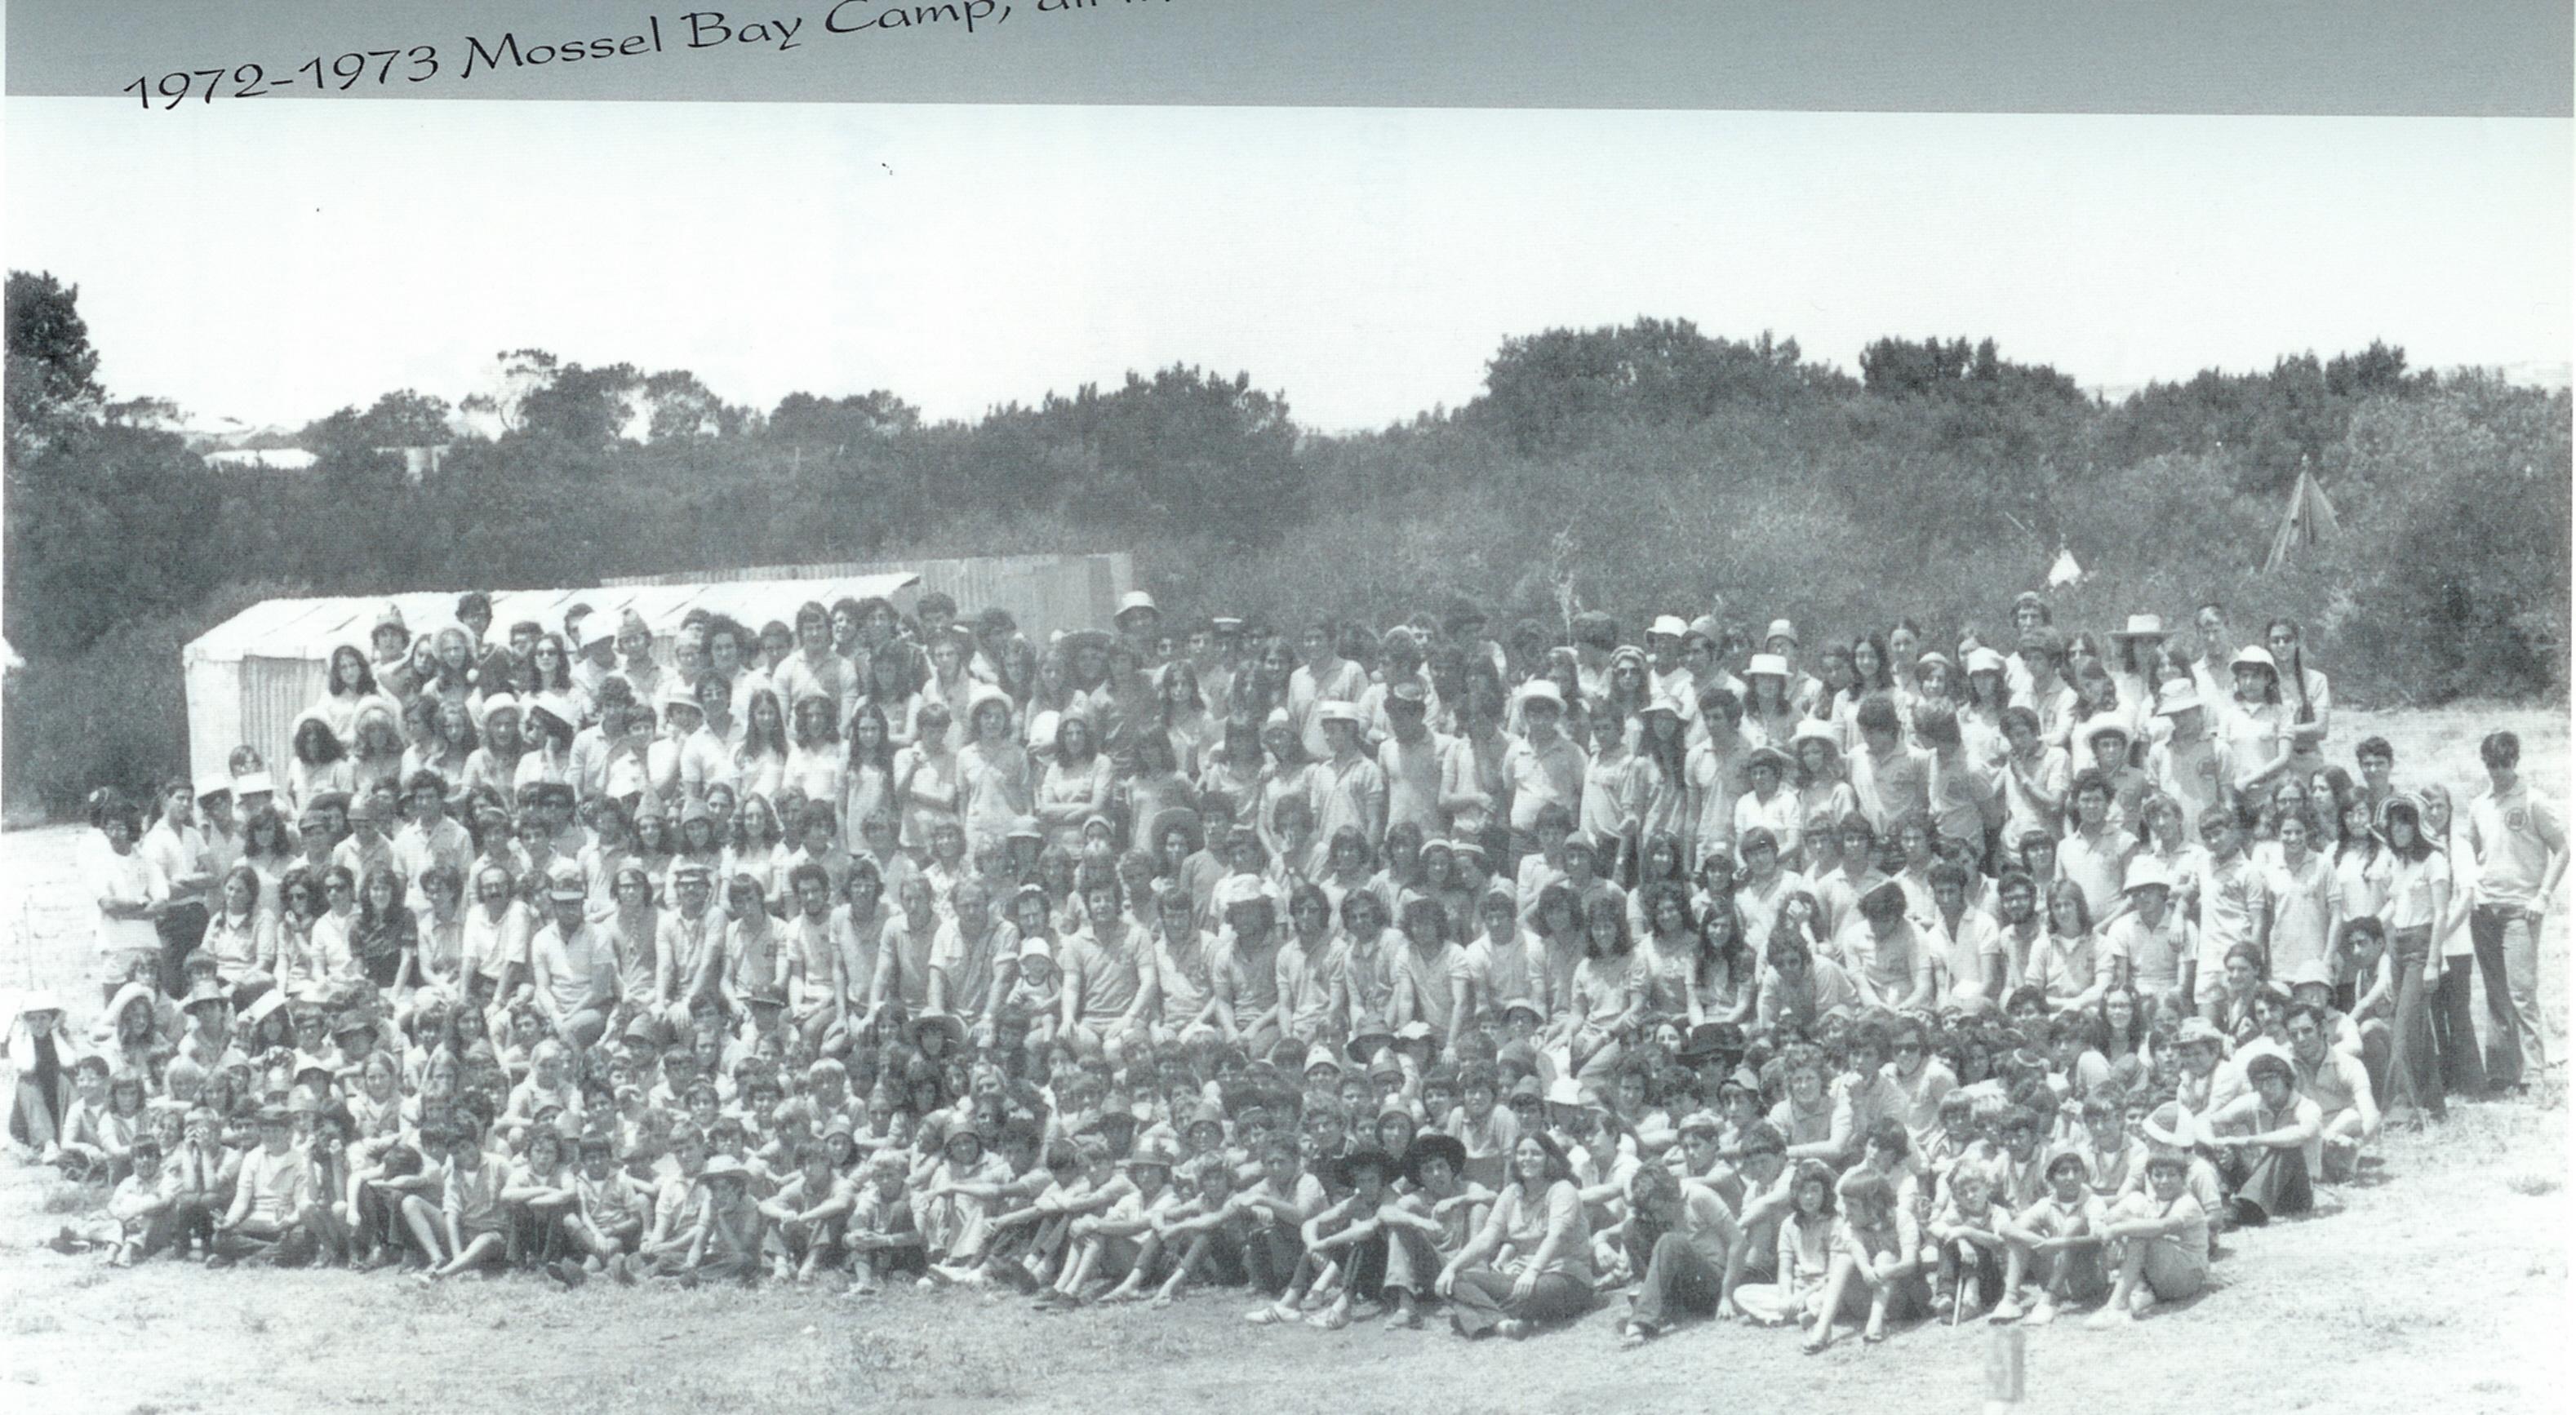 Mossel Bay 1972